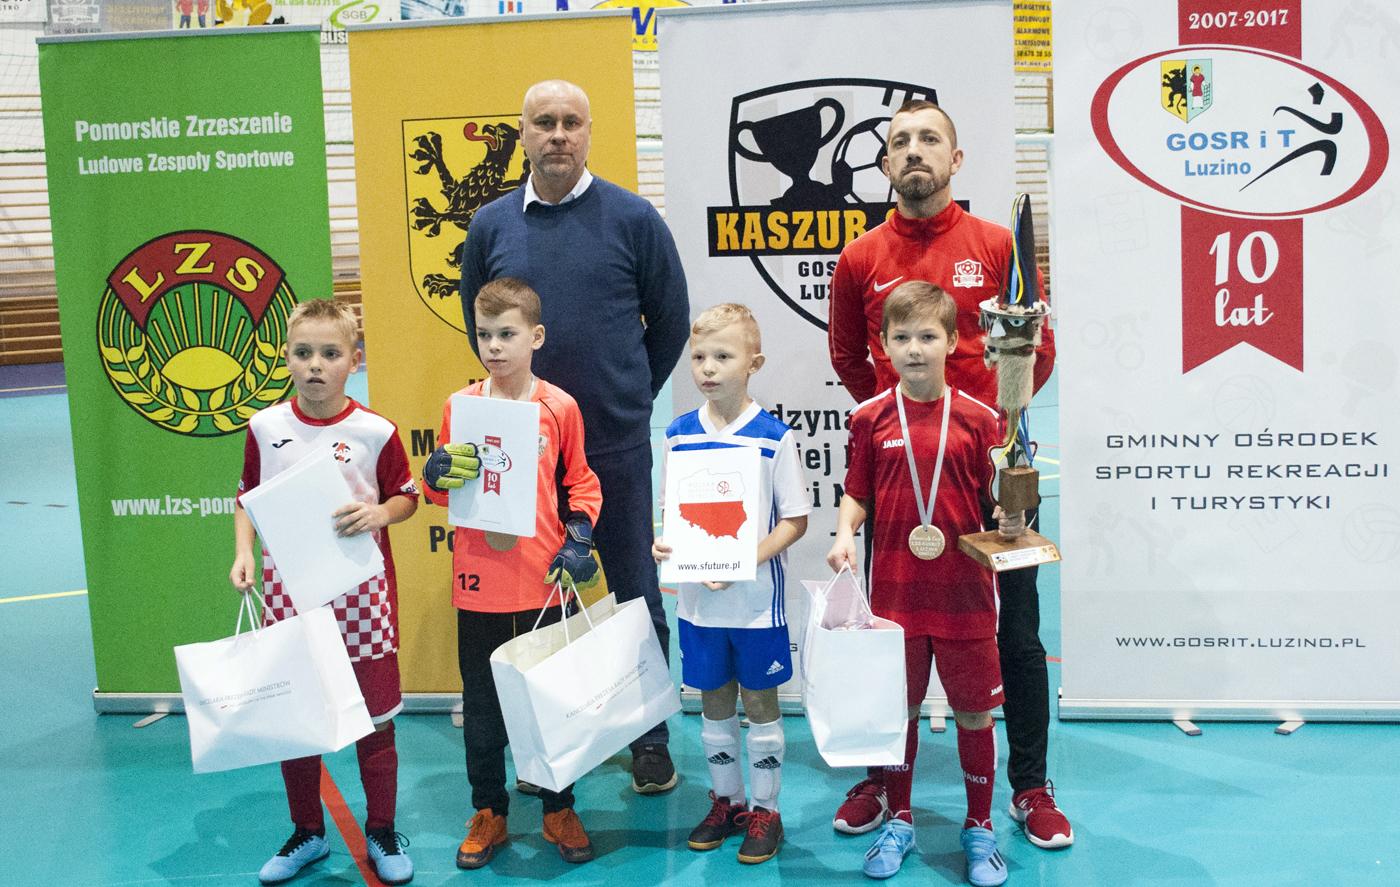 W Luzinie zainaugurowano pierwszy turniej zcyklu KaszubCup